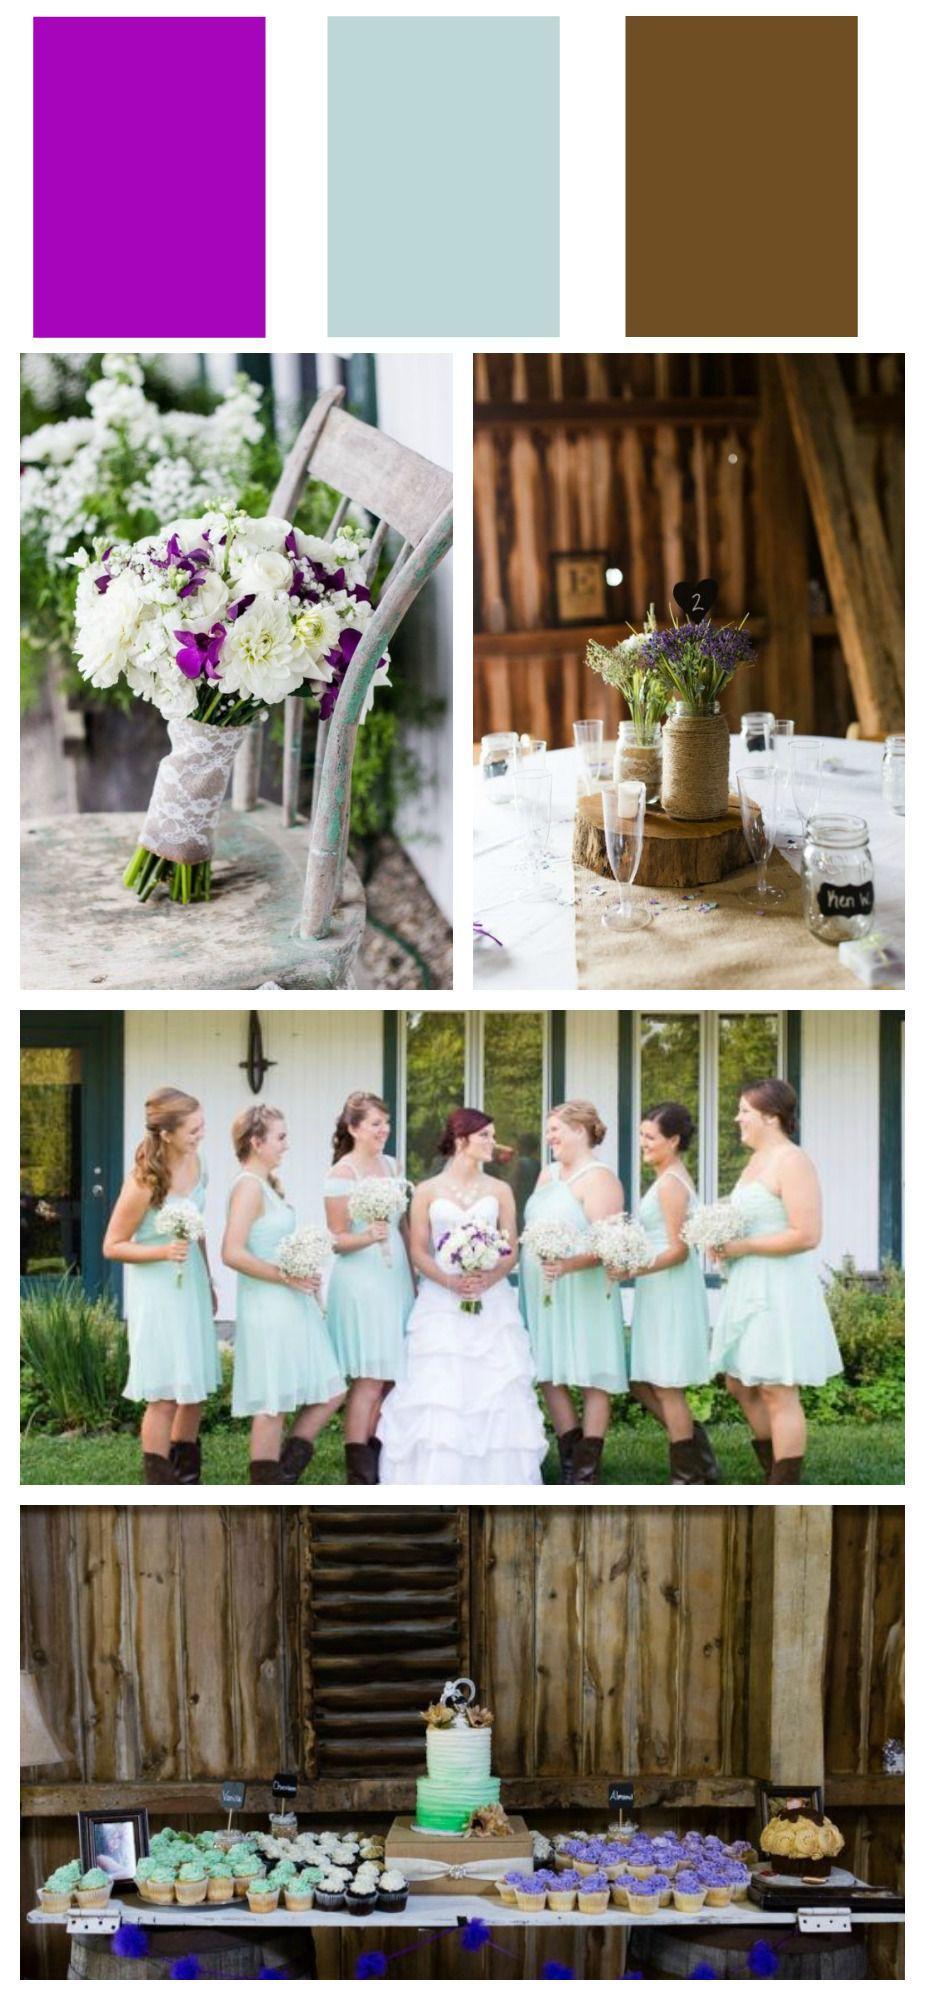 Ohio Barn Wedding Rustic Chic Wedding Barn Wedding Farm Wedding